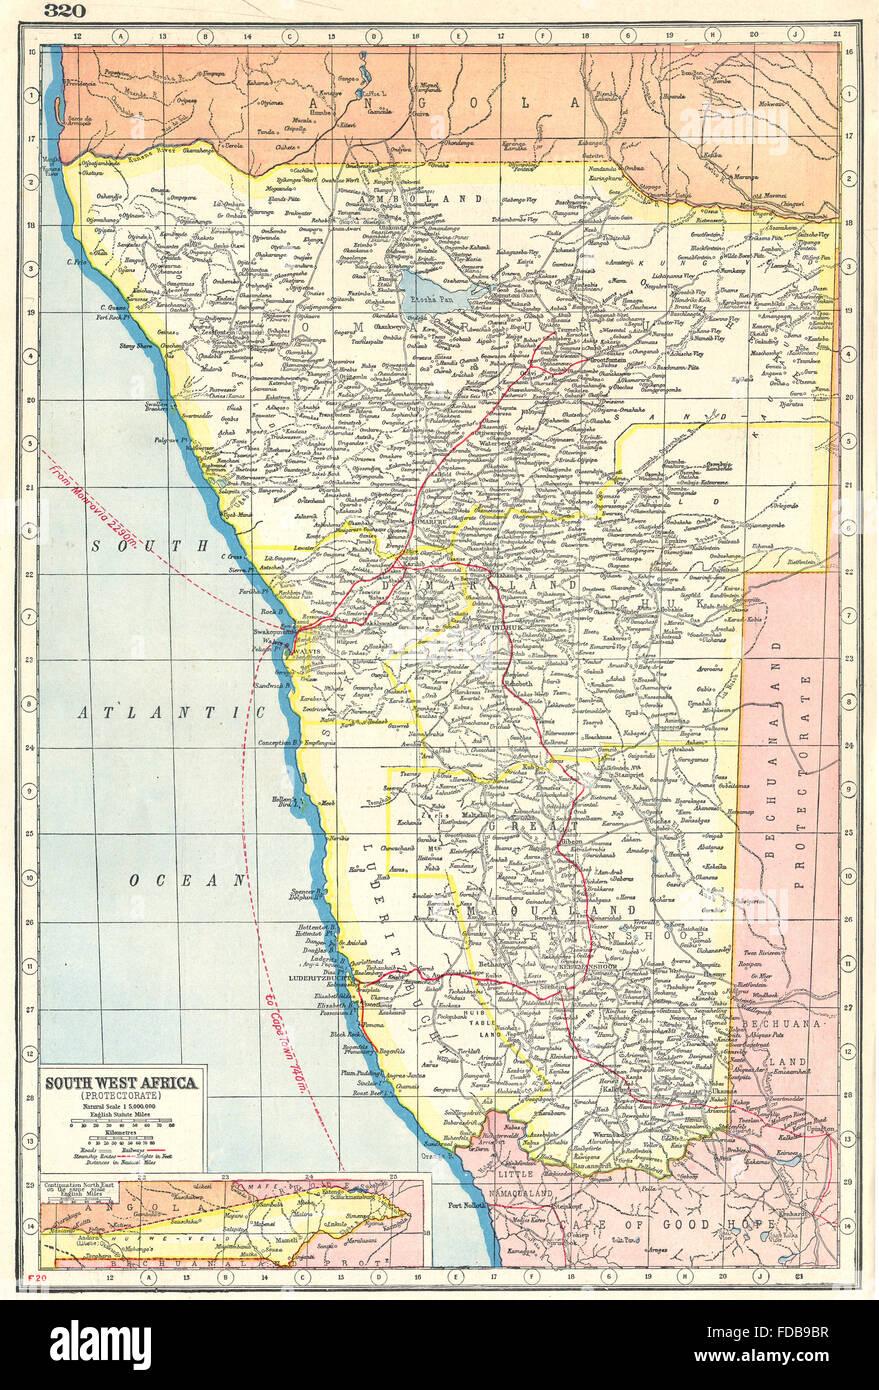 Carte Afrique Du Sud Ouest.Namibie L Afrique Du Sud Ouest De La Reunion Harmsworth 1920